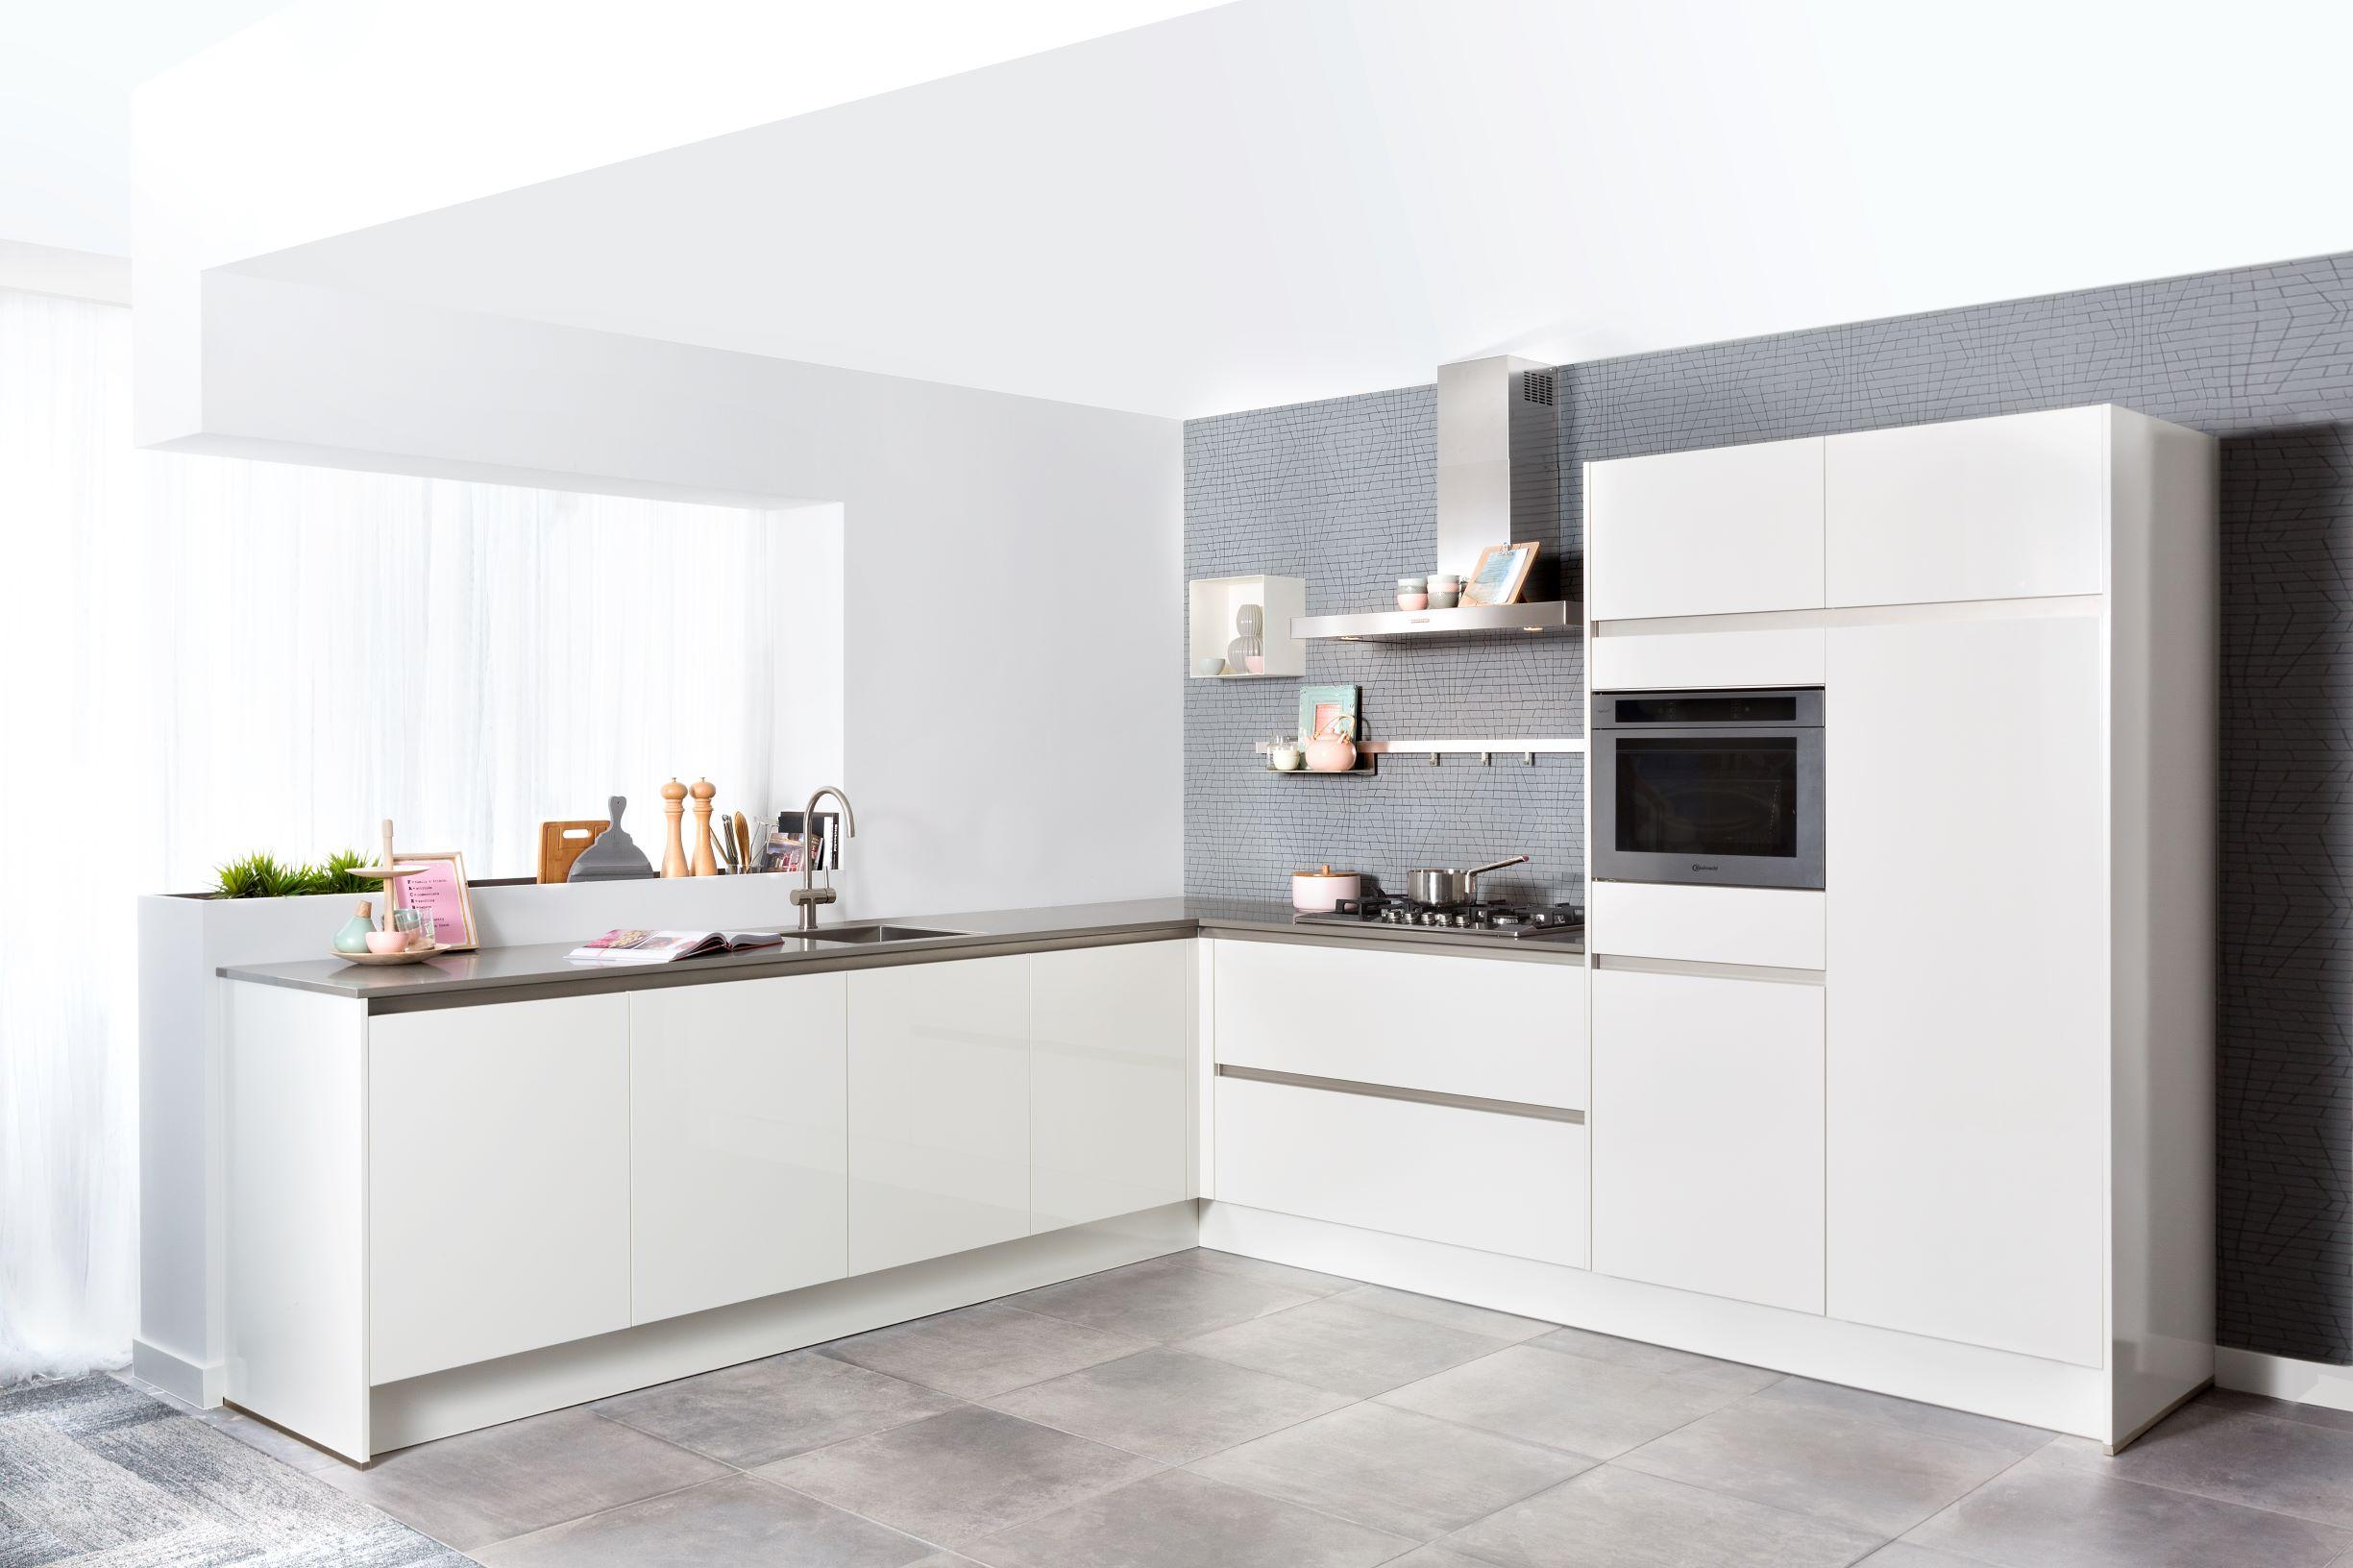 De Mooiste Keukens : De mooiste keukens van alles om van je huis je thuis te